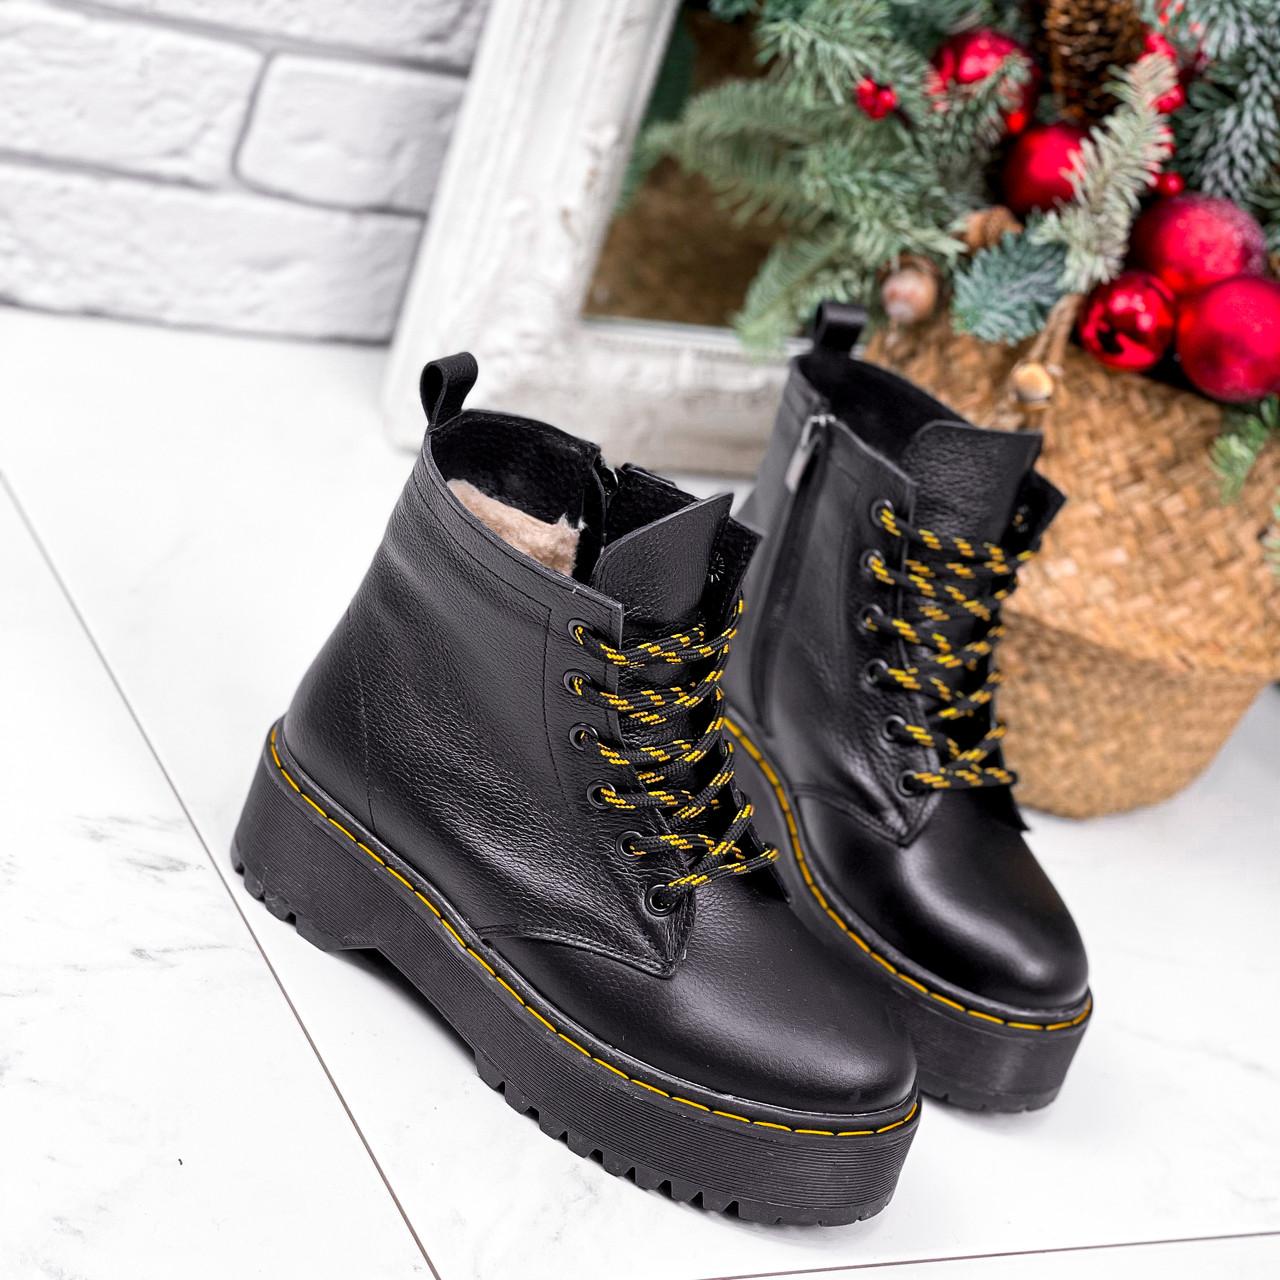 Ботинки женские Quent черные ЗИМА 2687